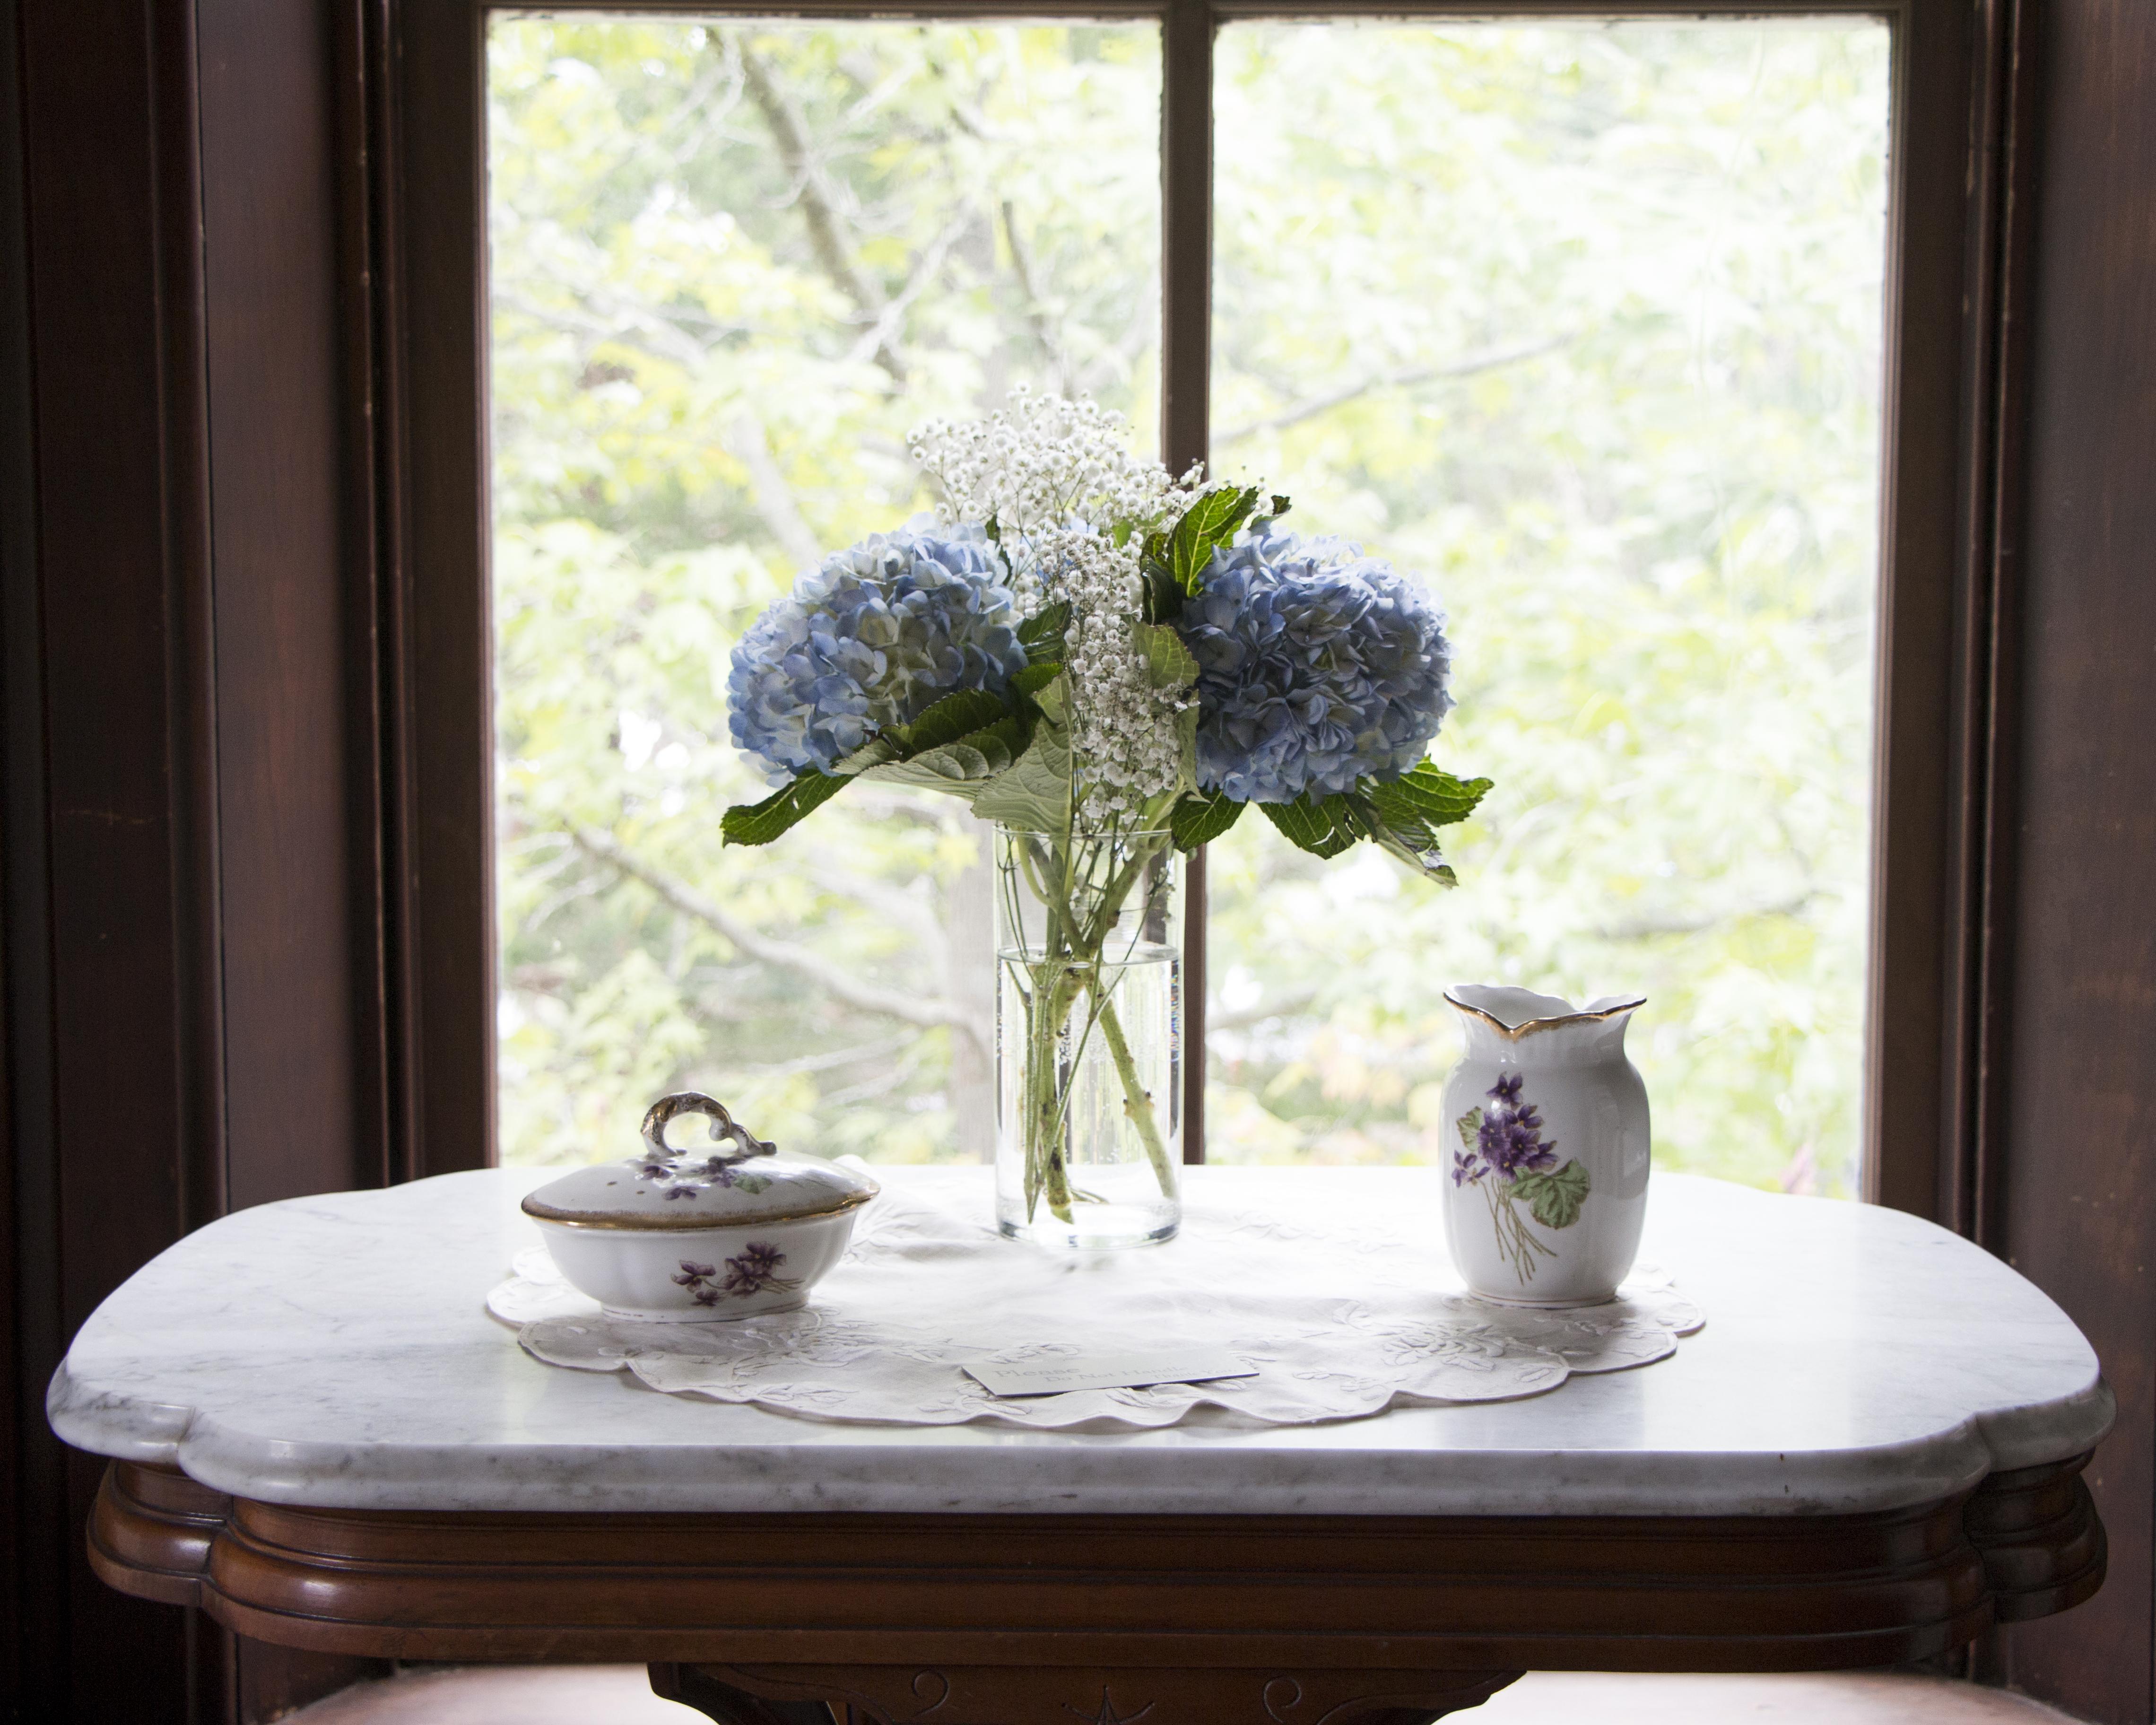 Flowers By the Window | Fine Art